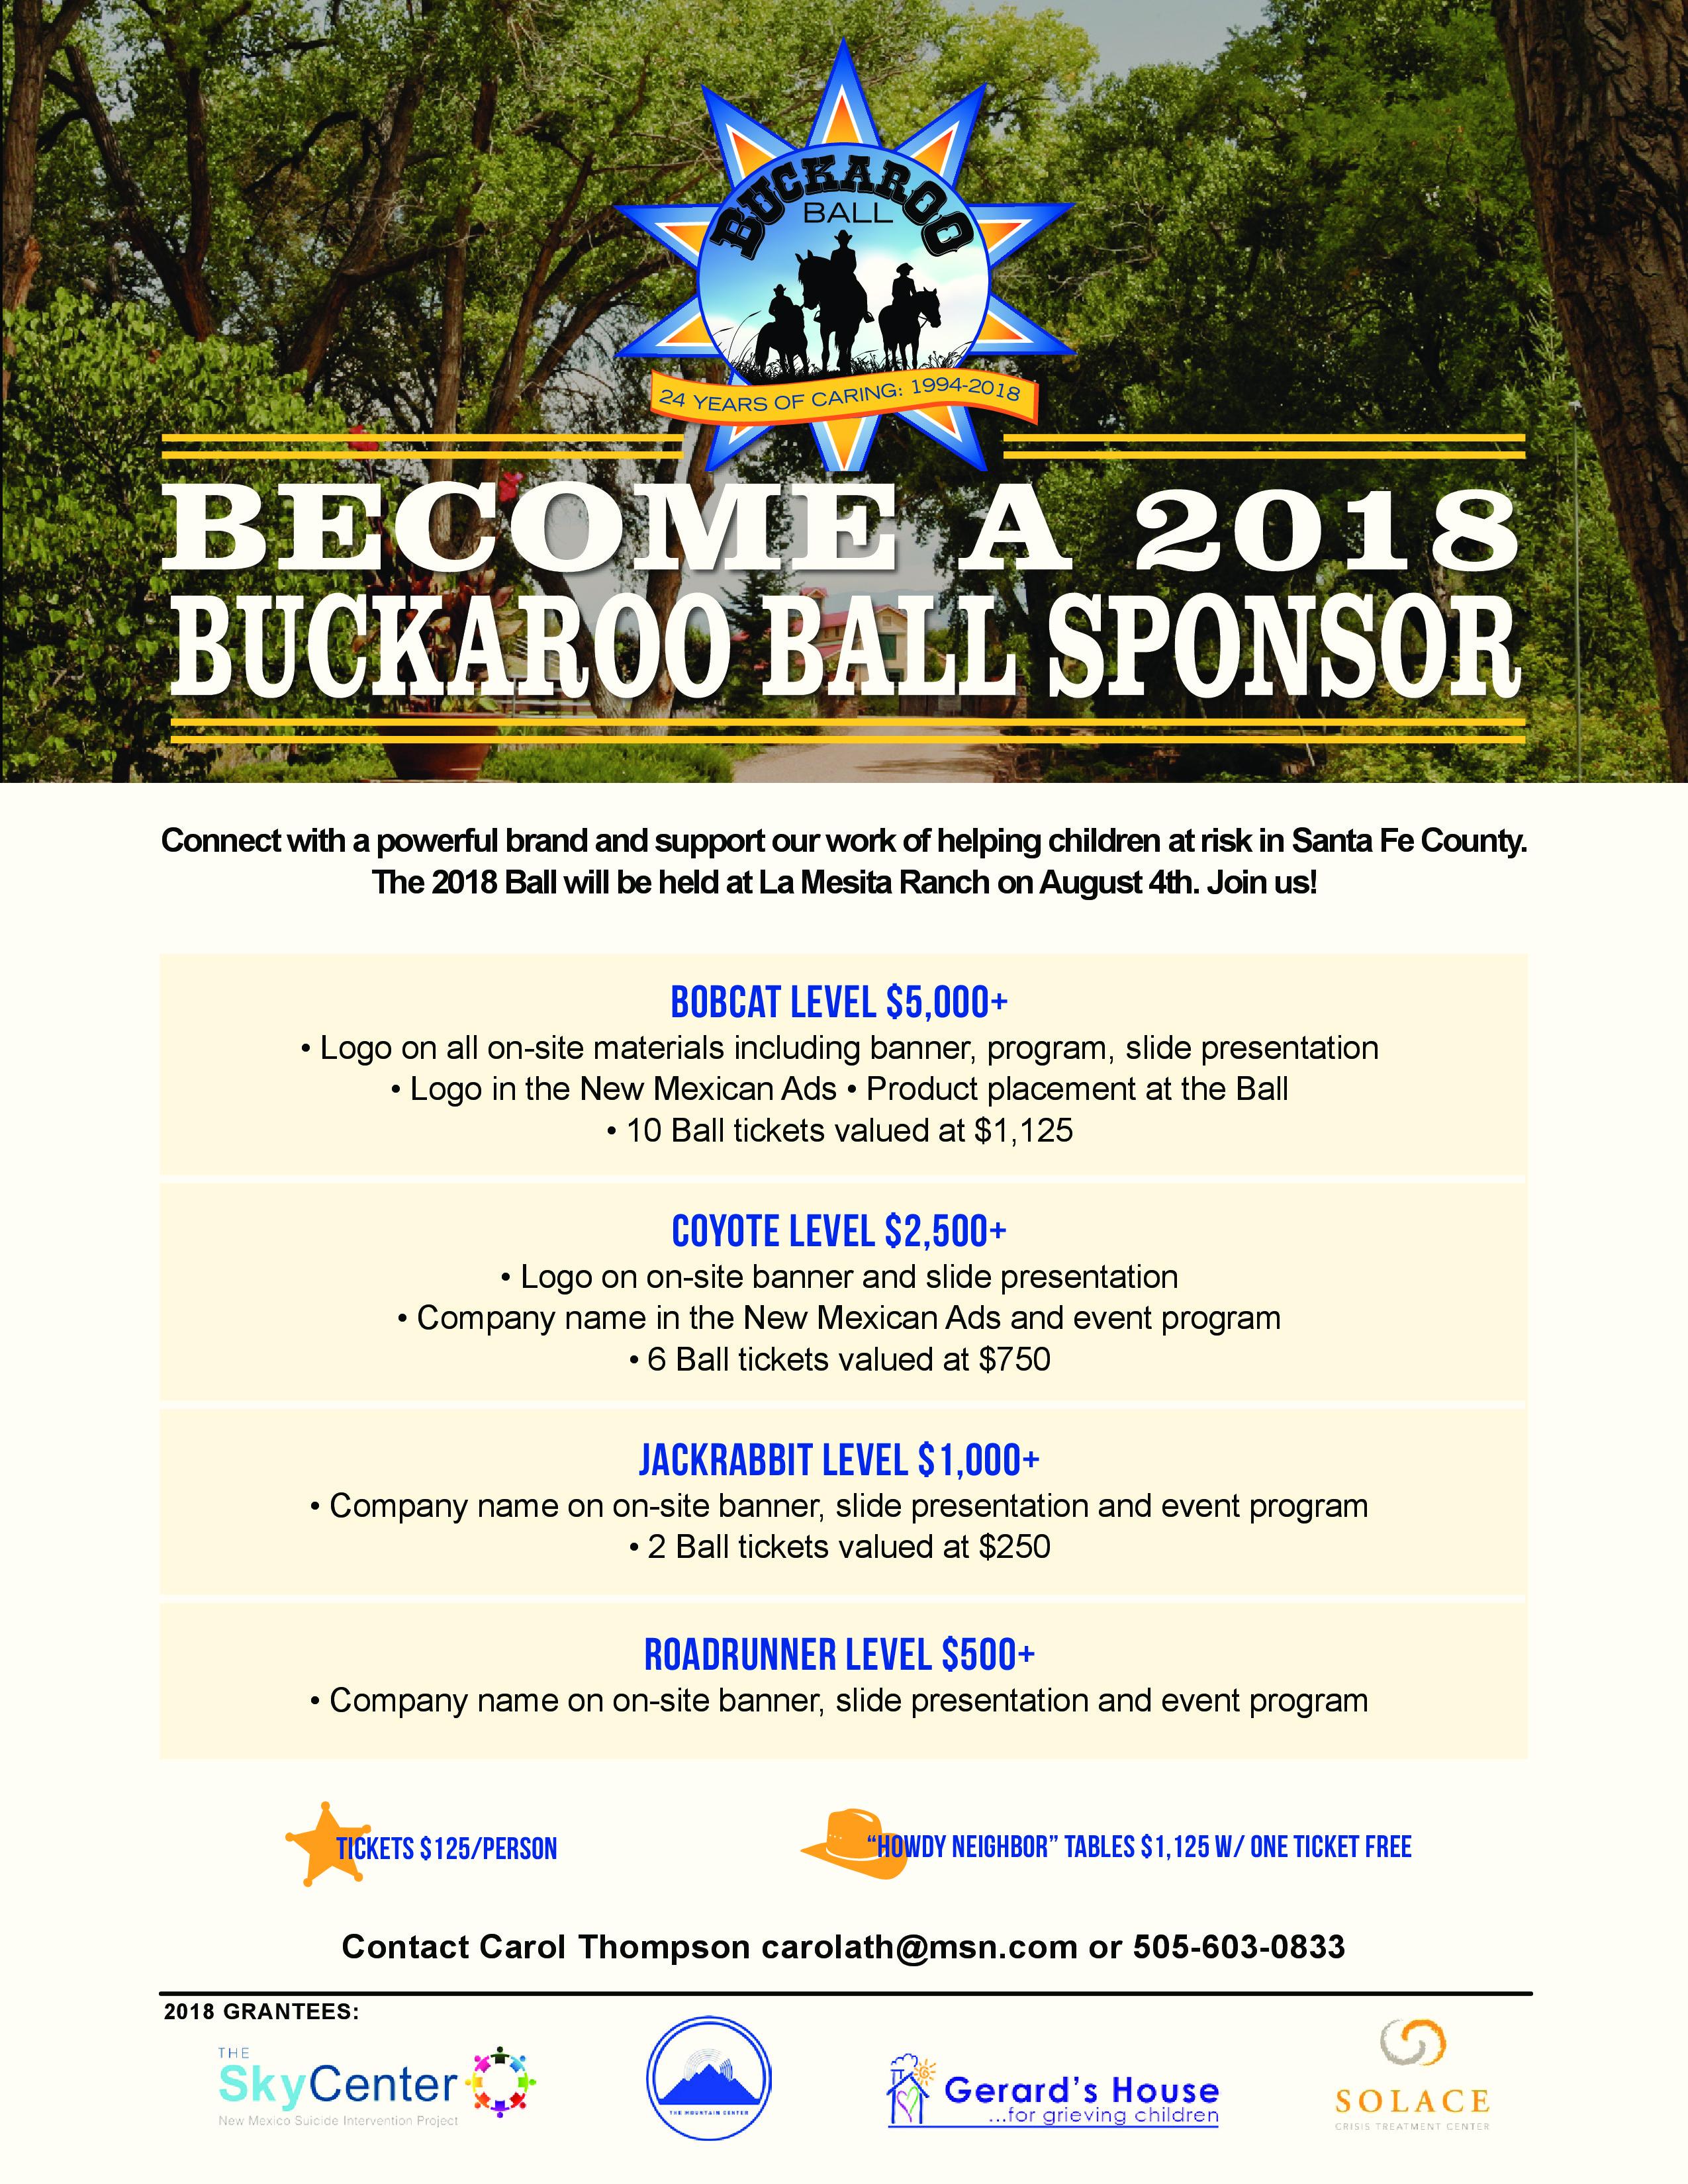 Buckaroo Ball